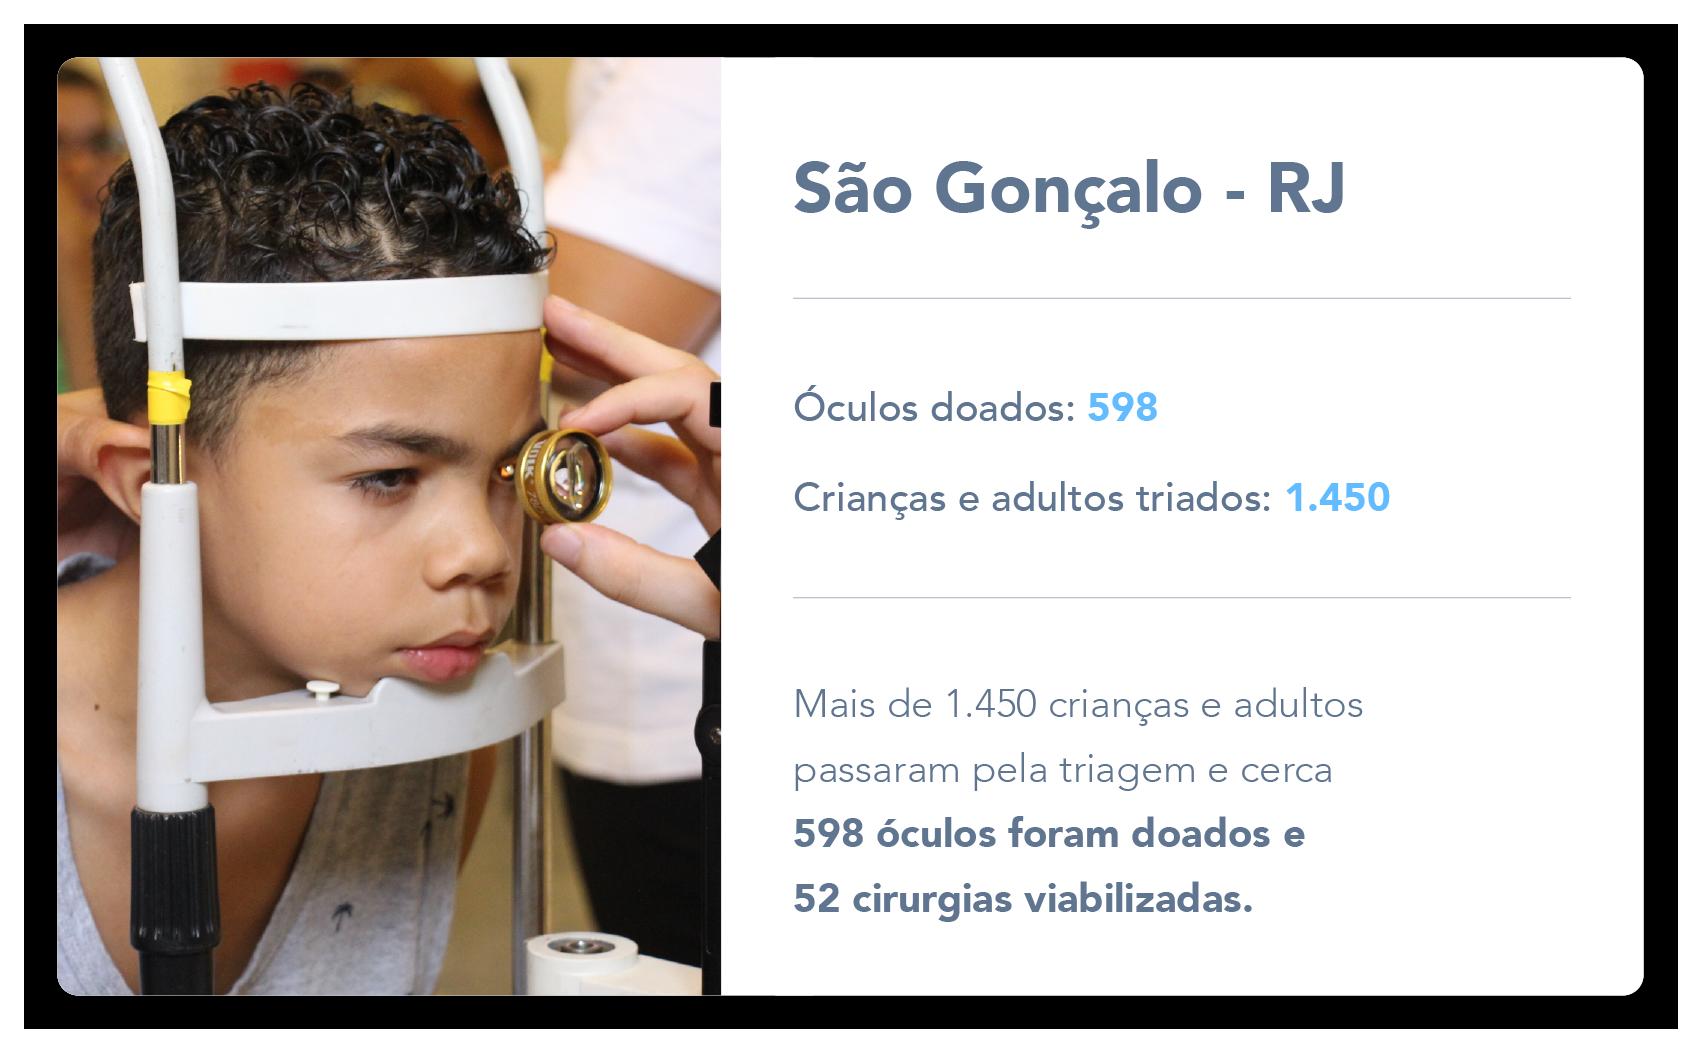 São Gonçalo - RJ